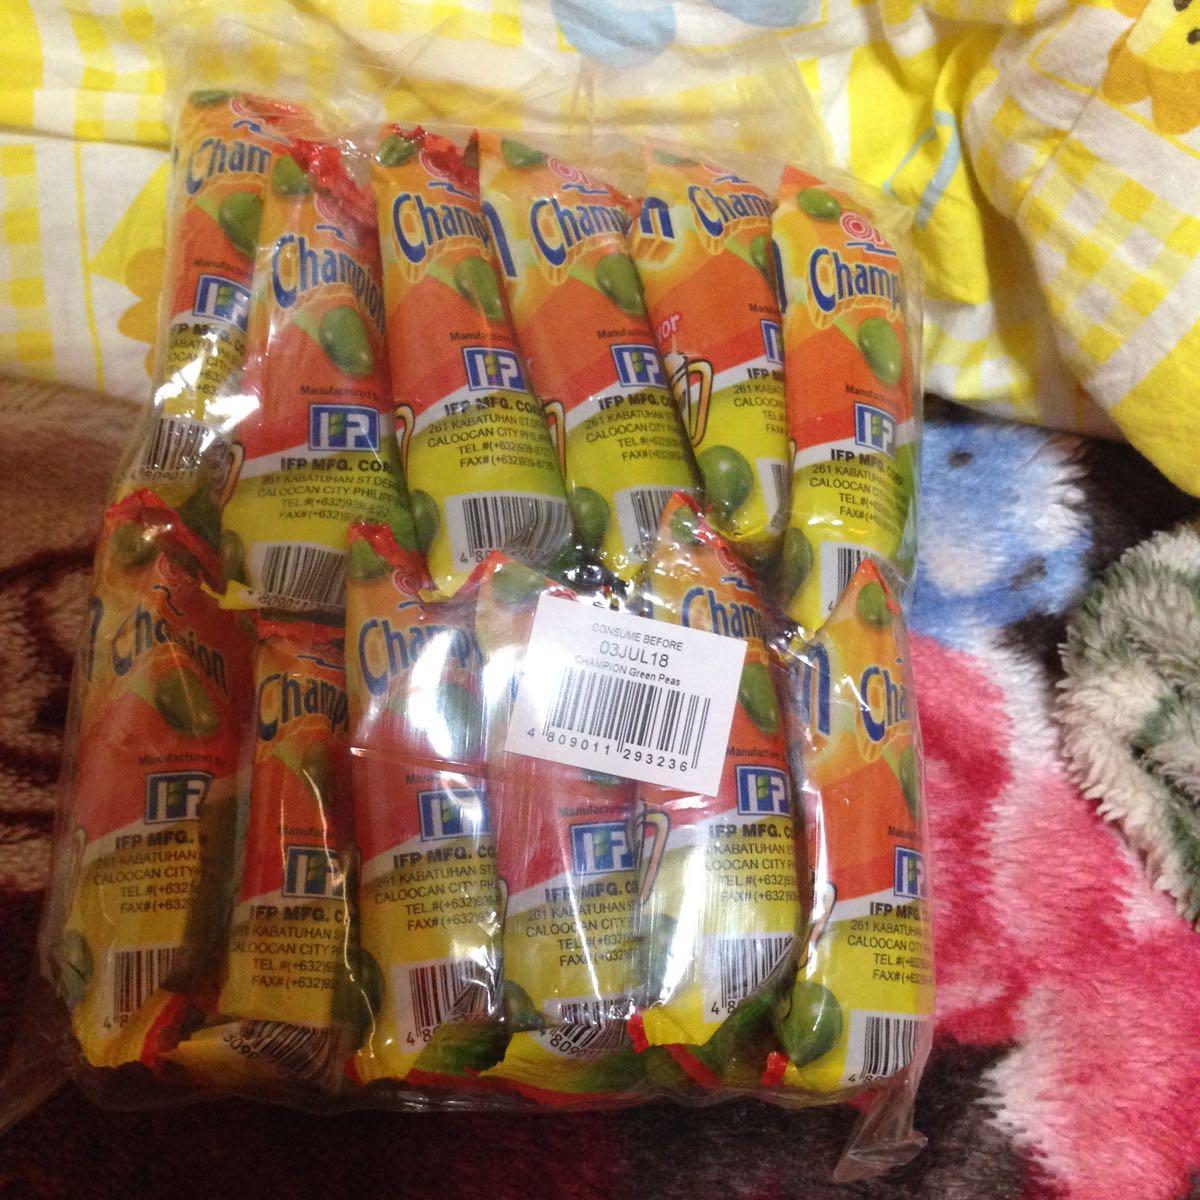 フィリピン おつまみ菓子 Champion Green peas 12p入り お得!(◎_◎;)_画像4